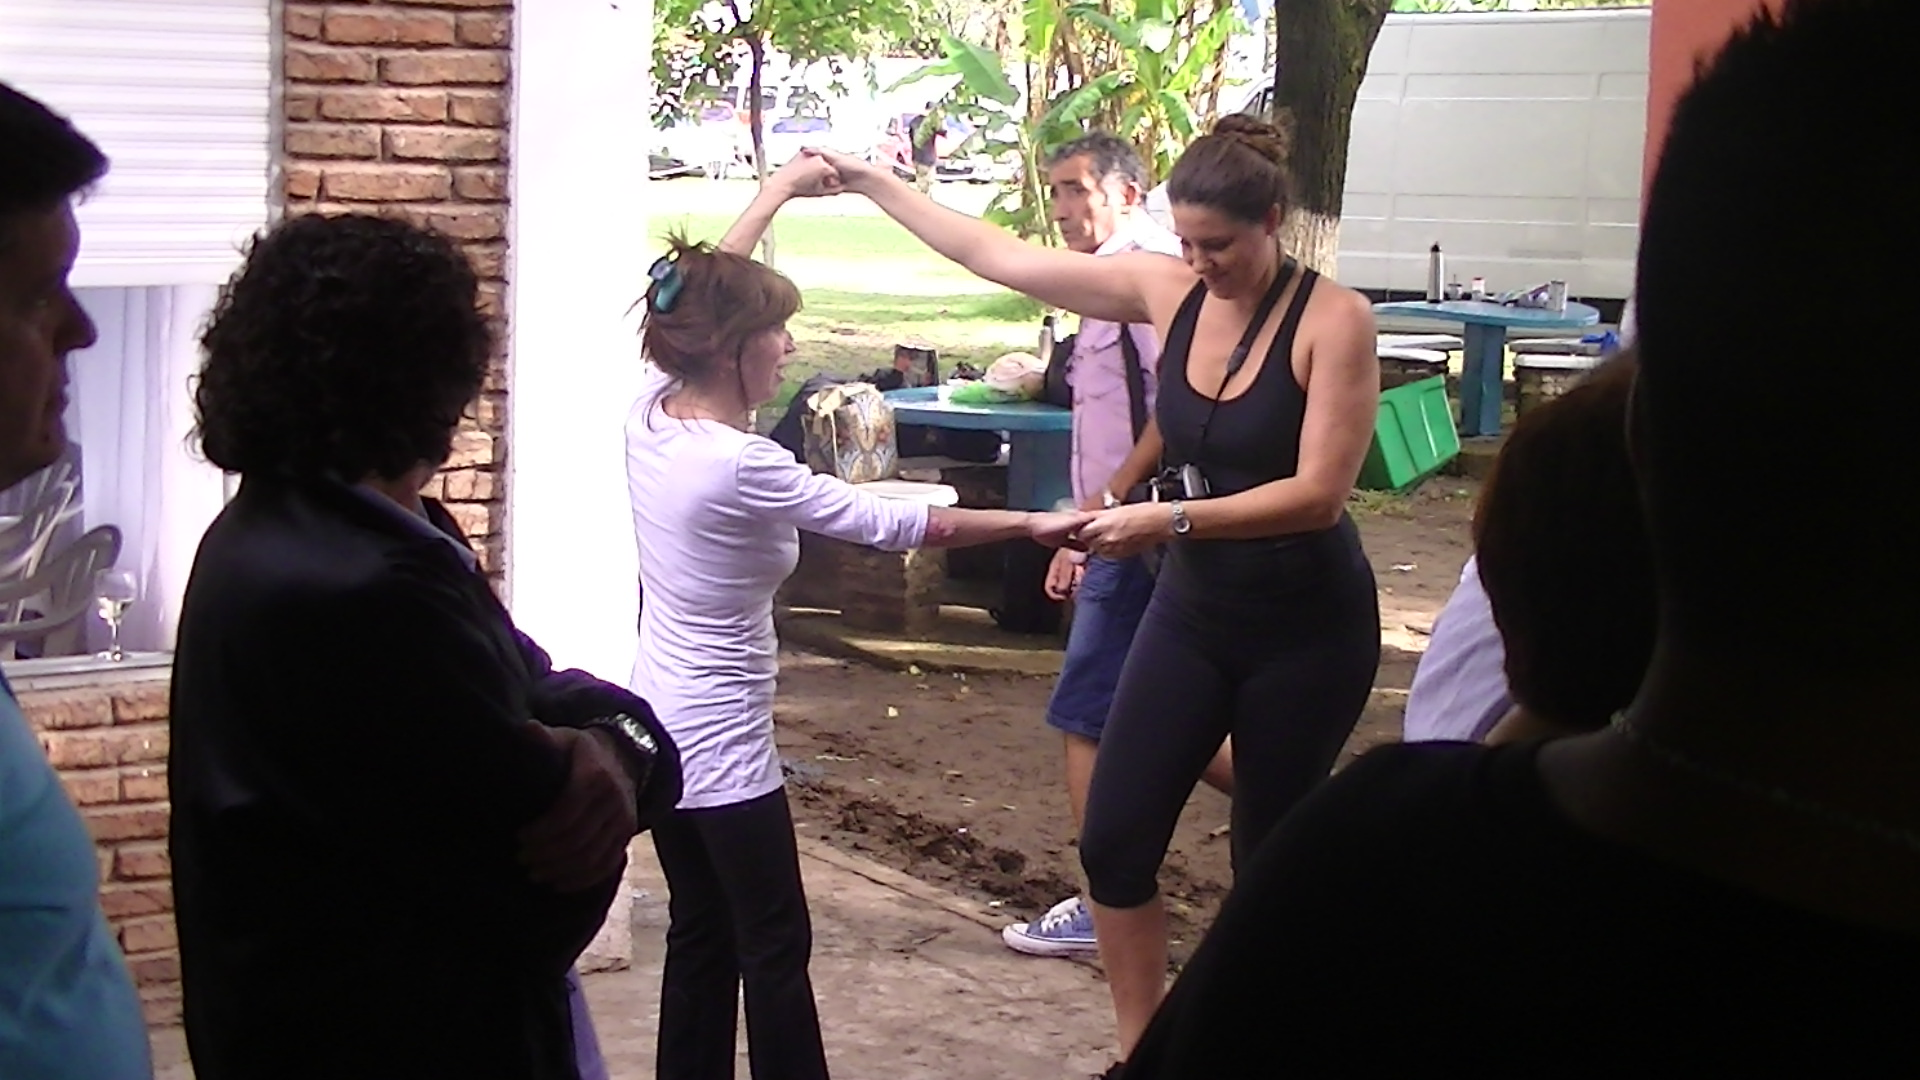 las chicas de fibro siempre bailando